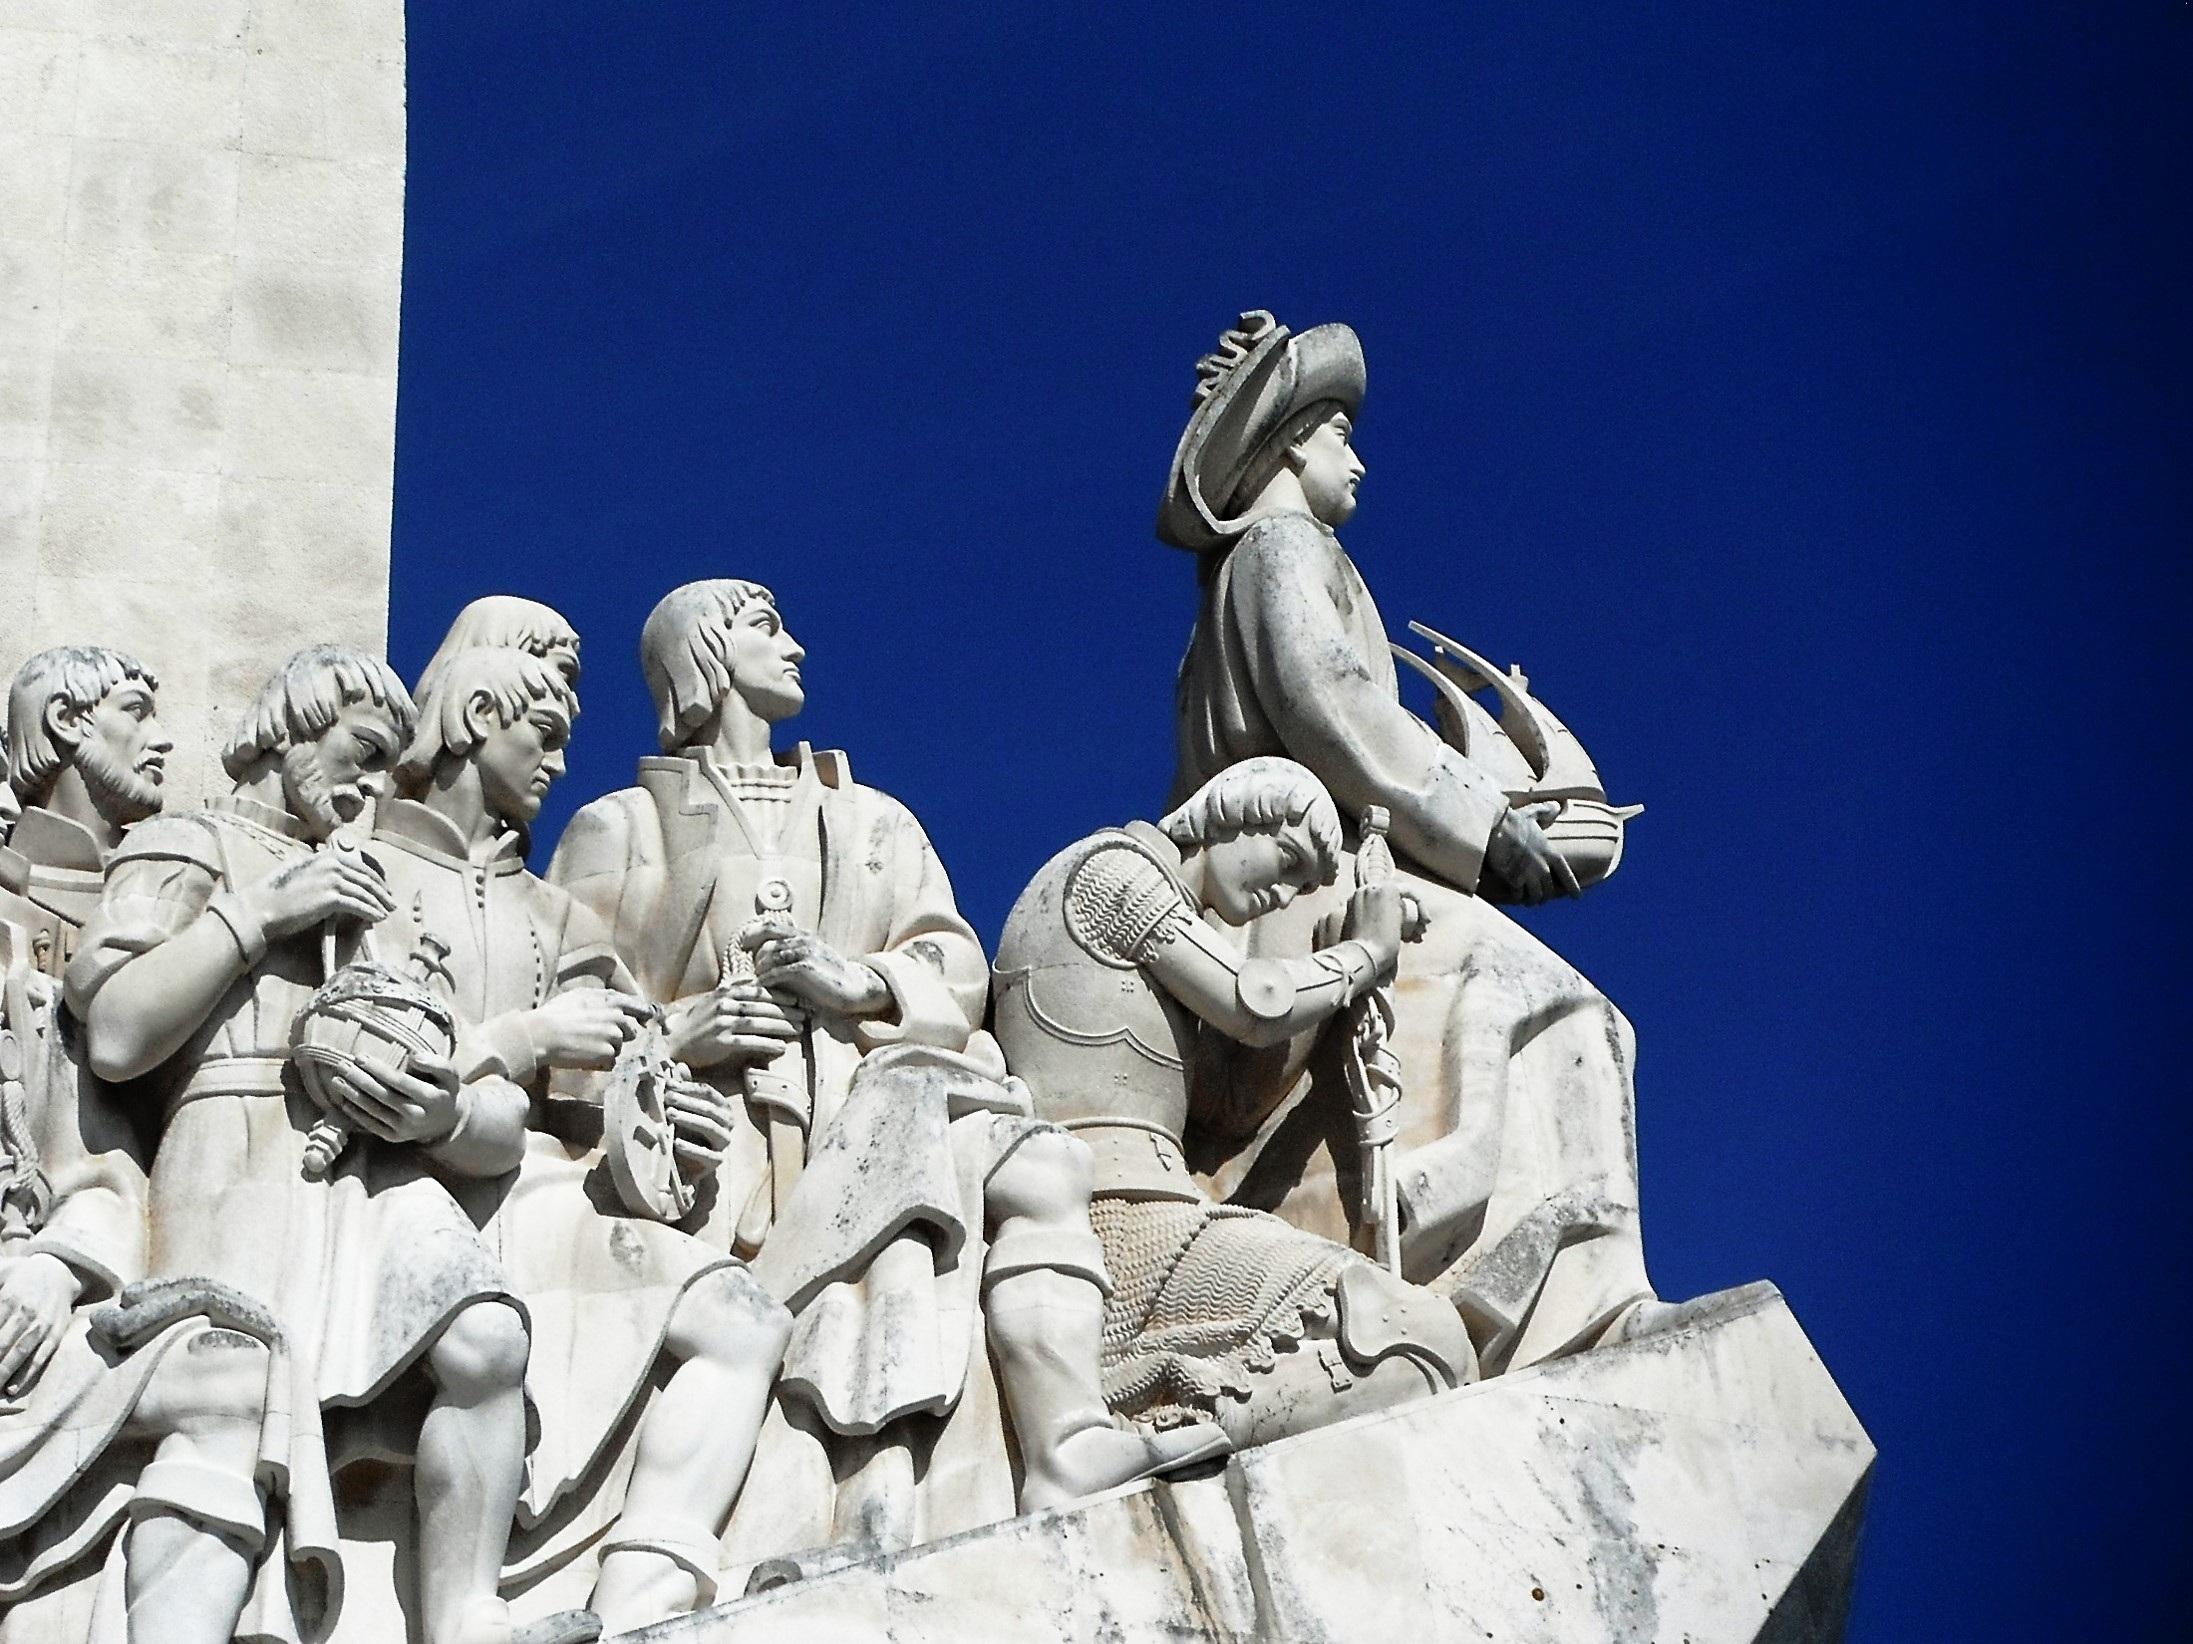 Avastuste monument Lissabonis tähistab maadeavastuste aega Portugalis 15. ja 16. sajandil, kui hakati kauplema India ja oriendiga. Monumendi autorid on arhitekt José Ângelo Cottinelli Telmo ja skulptor Leopoldo de Almeida. See valmis 1940. aastal. Foto: CC0